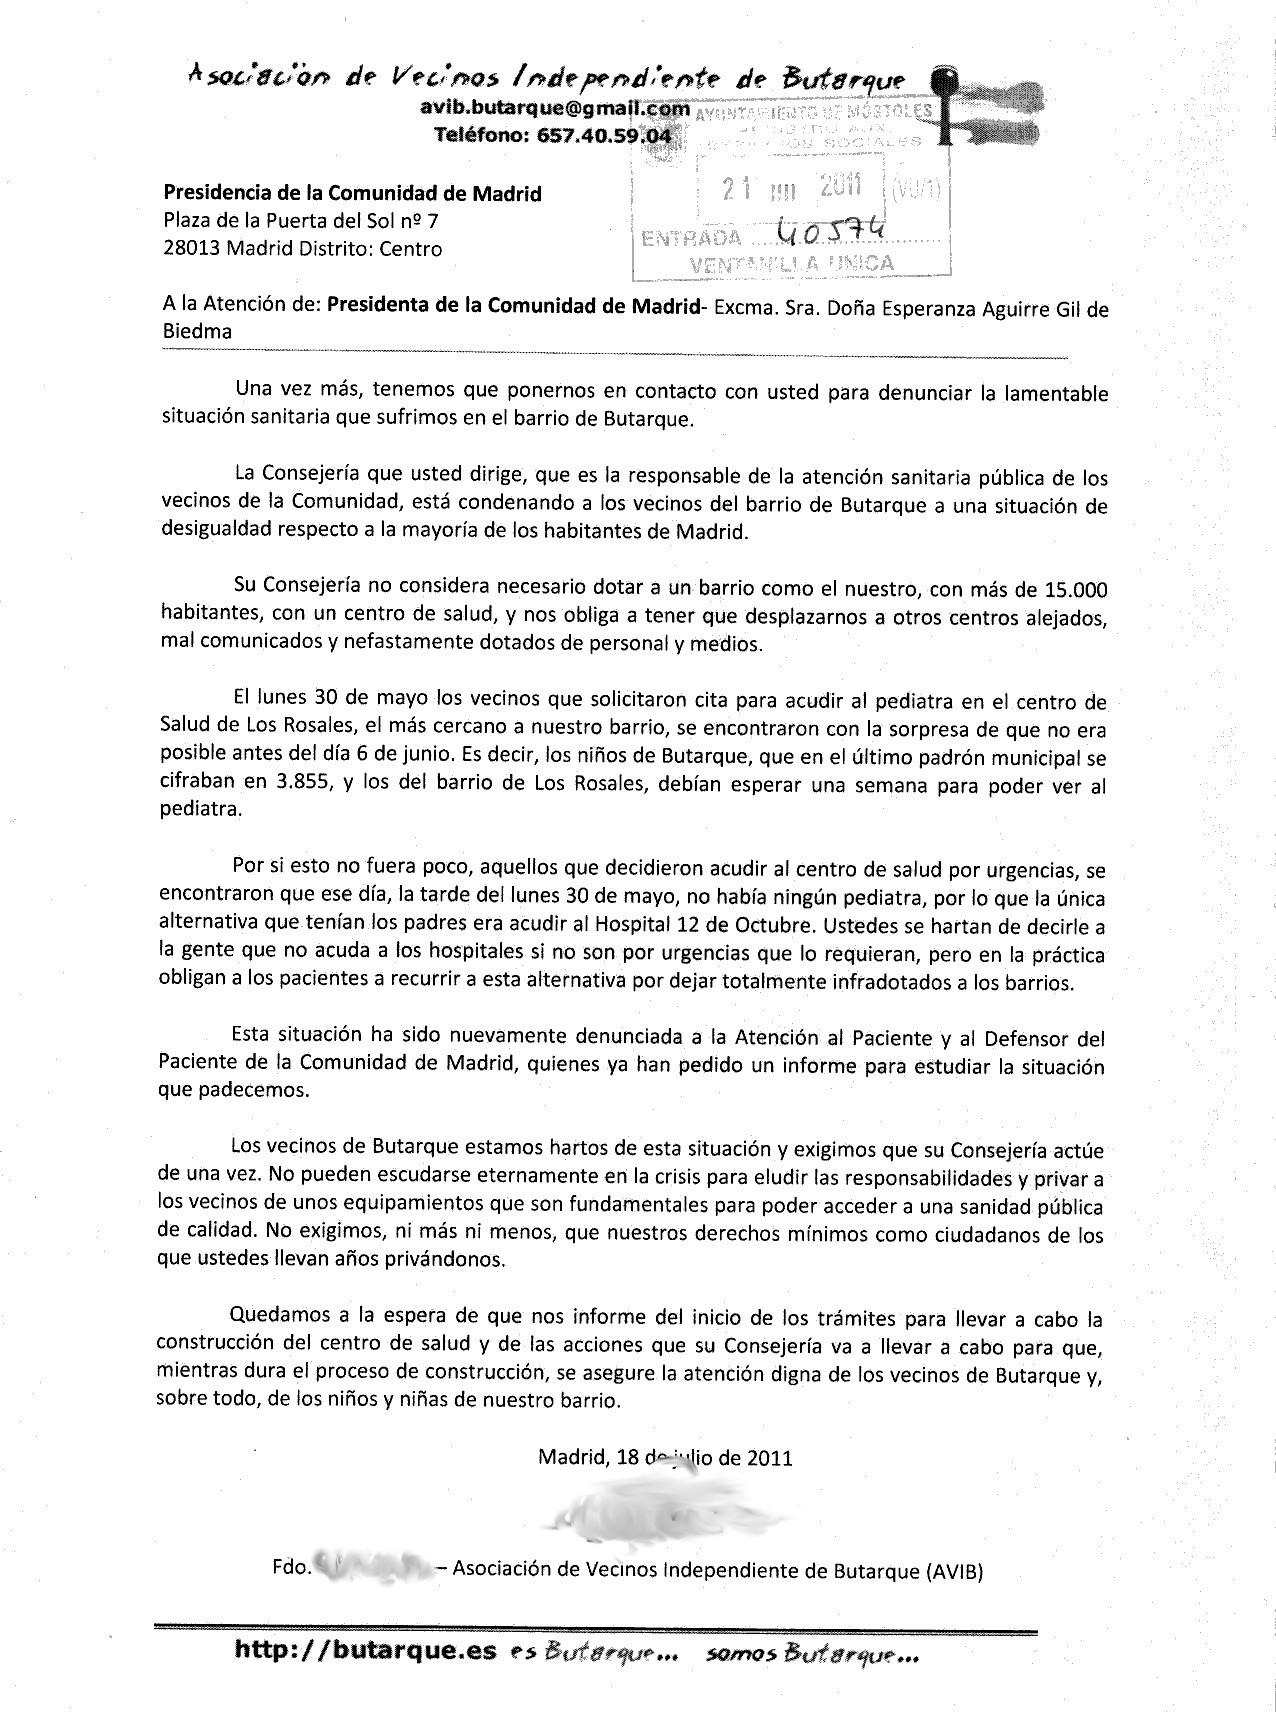 Falta_pediatras_Presidencia_Comunidad_de_Madrid_062011.jpg